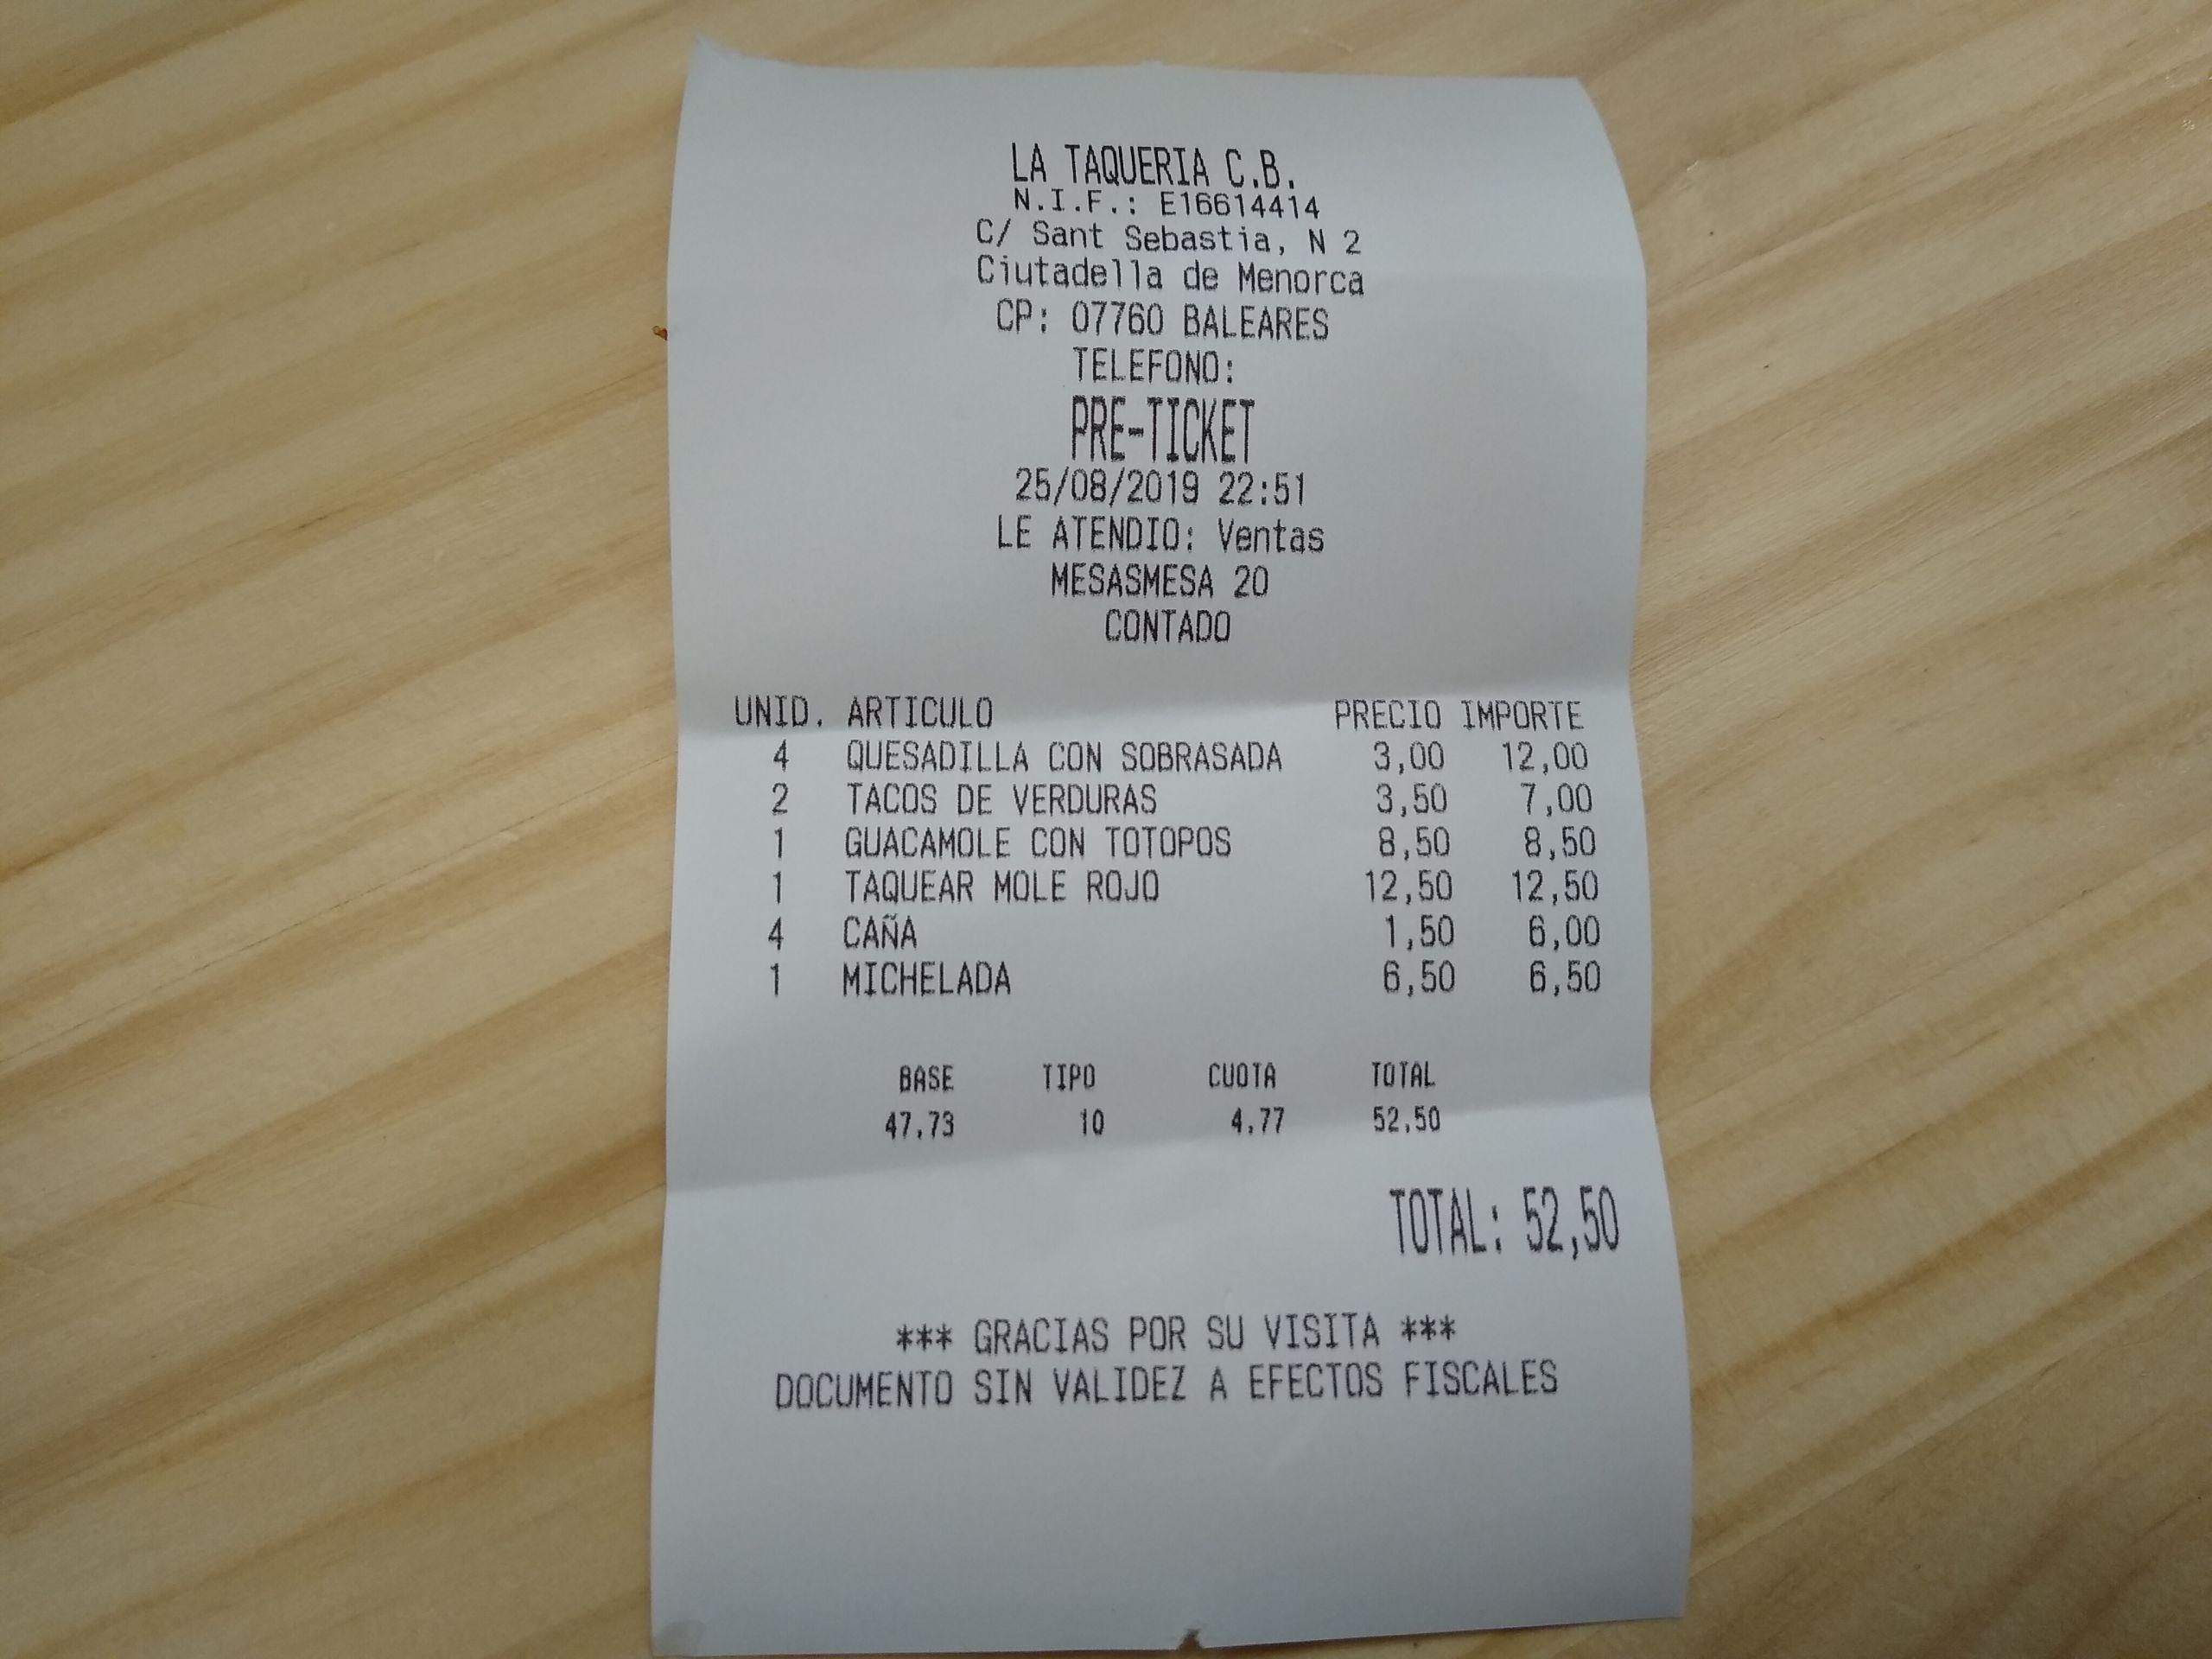 Ticket Restaurante Mexicano Nopales - CiutadellaTicket Santa Clara - Ciutadella